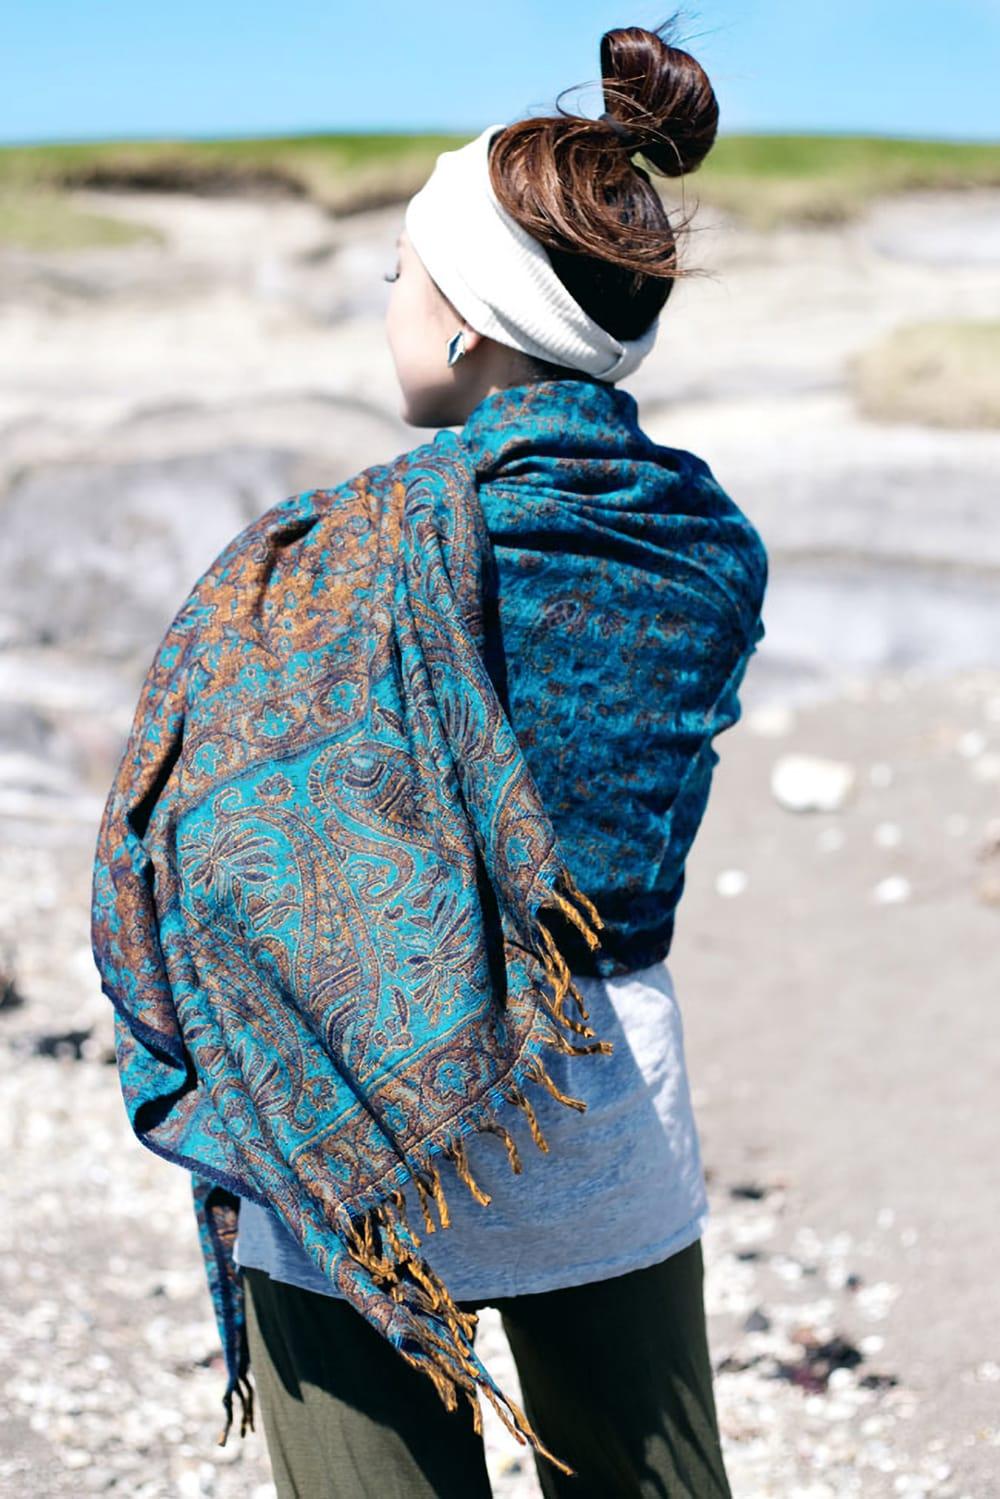 〔210cm×95cm〕インドの伝統柄大判ストール・ショール - 青紫系 7 - 表面と裏面では色合いの明暗が反転するので、この表裏の明暗の違いが素敵なアクセントになります。